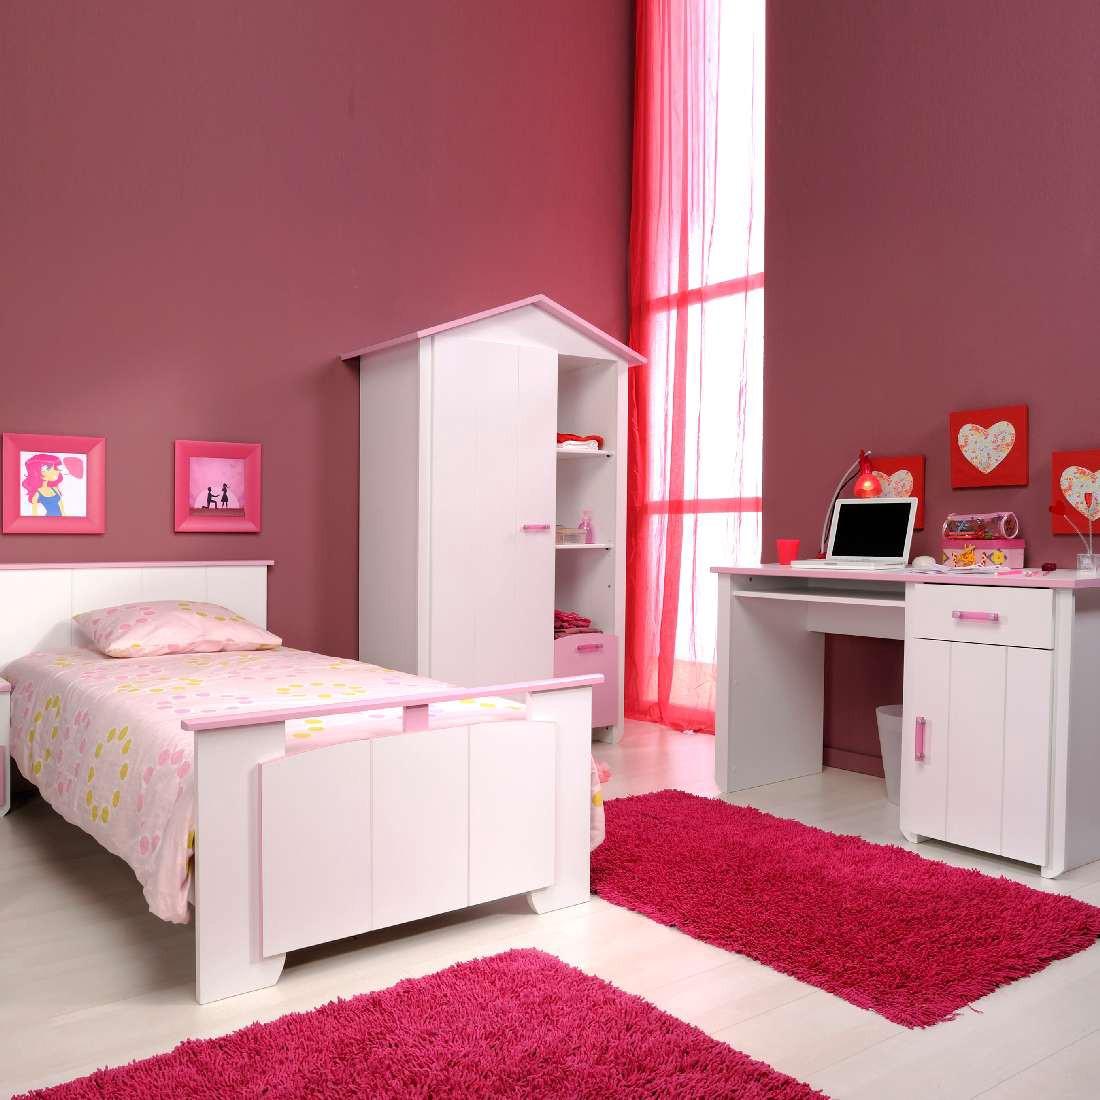 Ensemble de chambre d'adolescent Biotiful (4 éléments) - Armoire à vêtements, lit, table nuit et bu